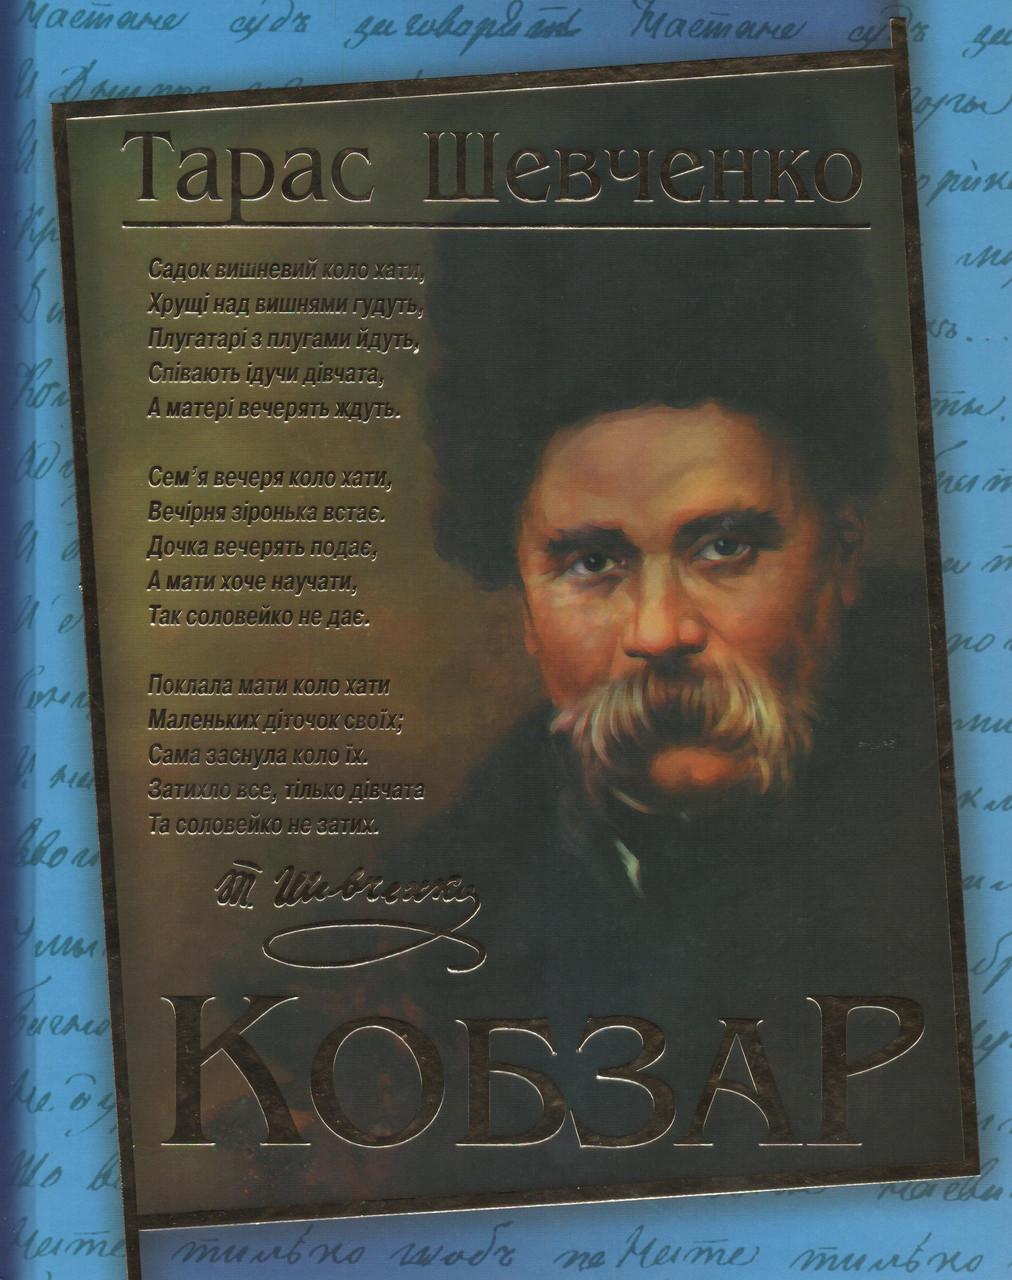 Кобзар (ілюстроване видання) Т. Шевченко